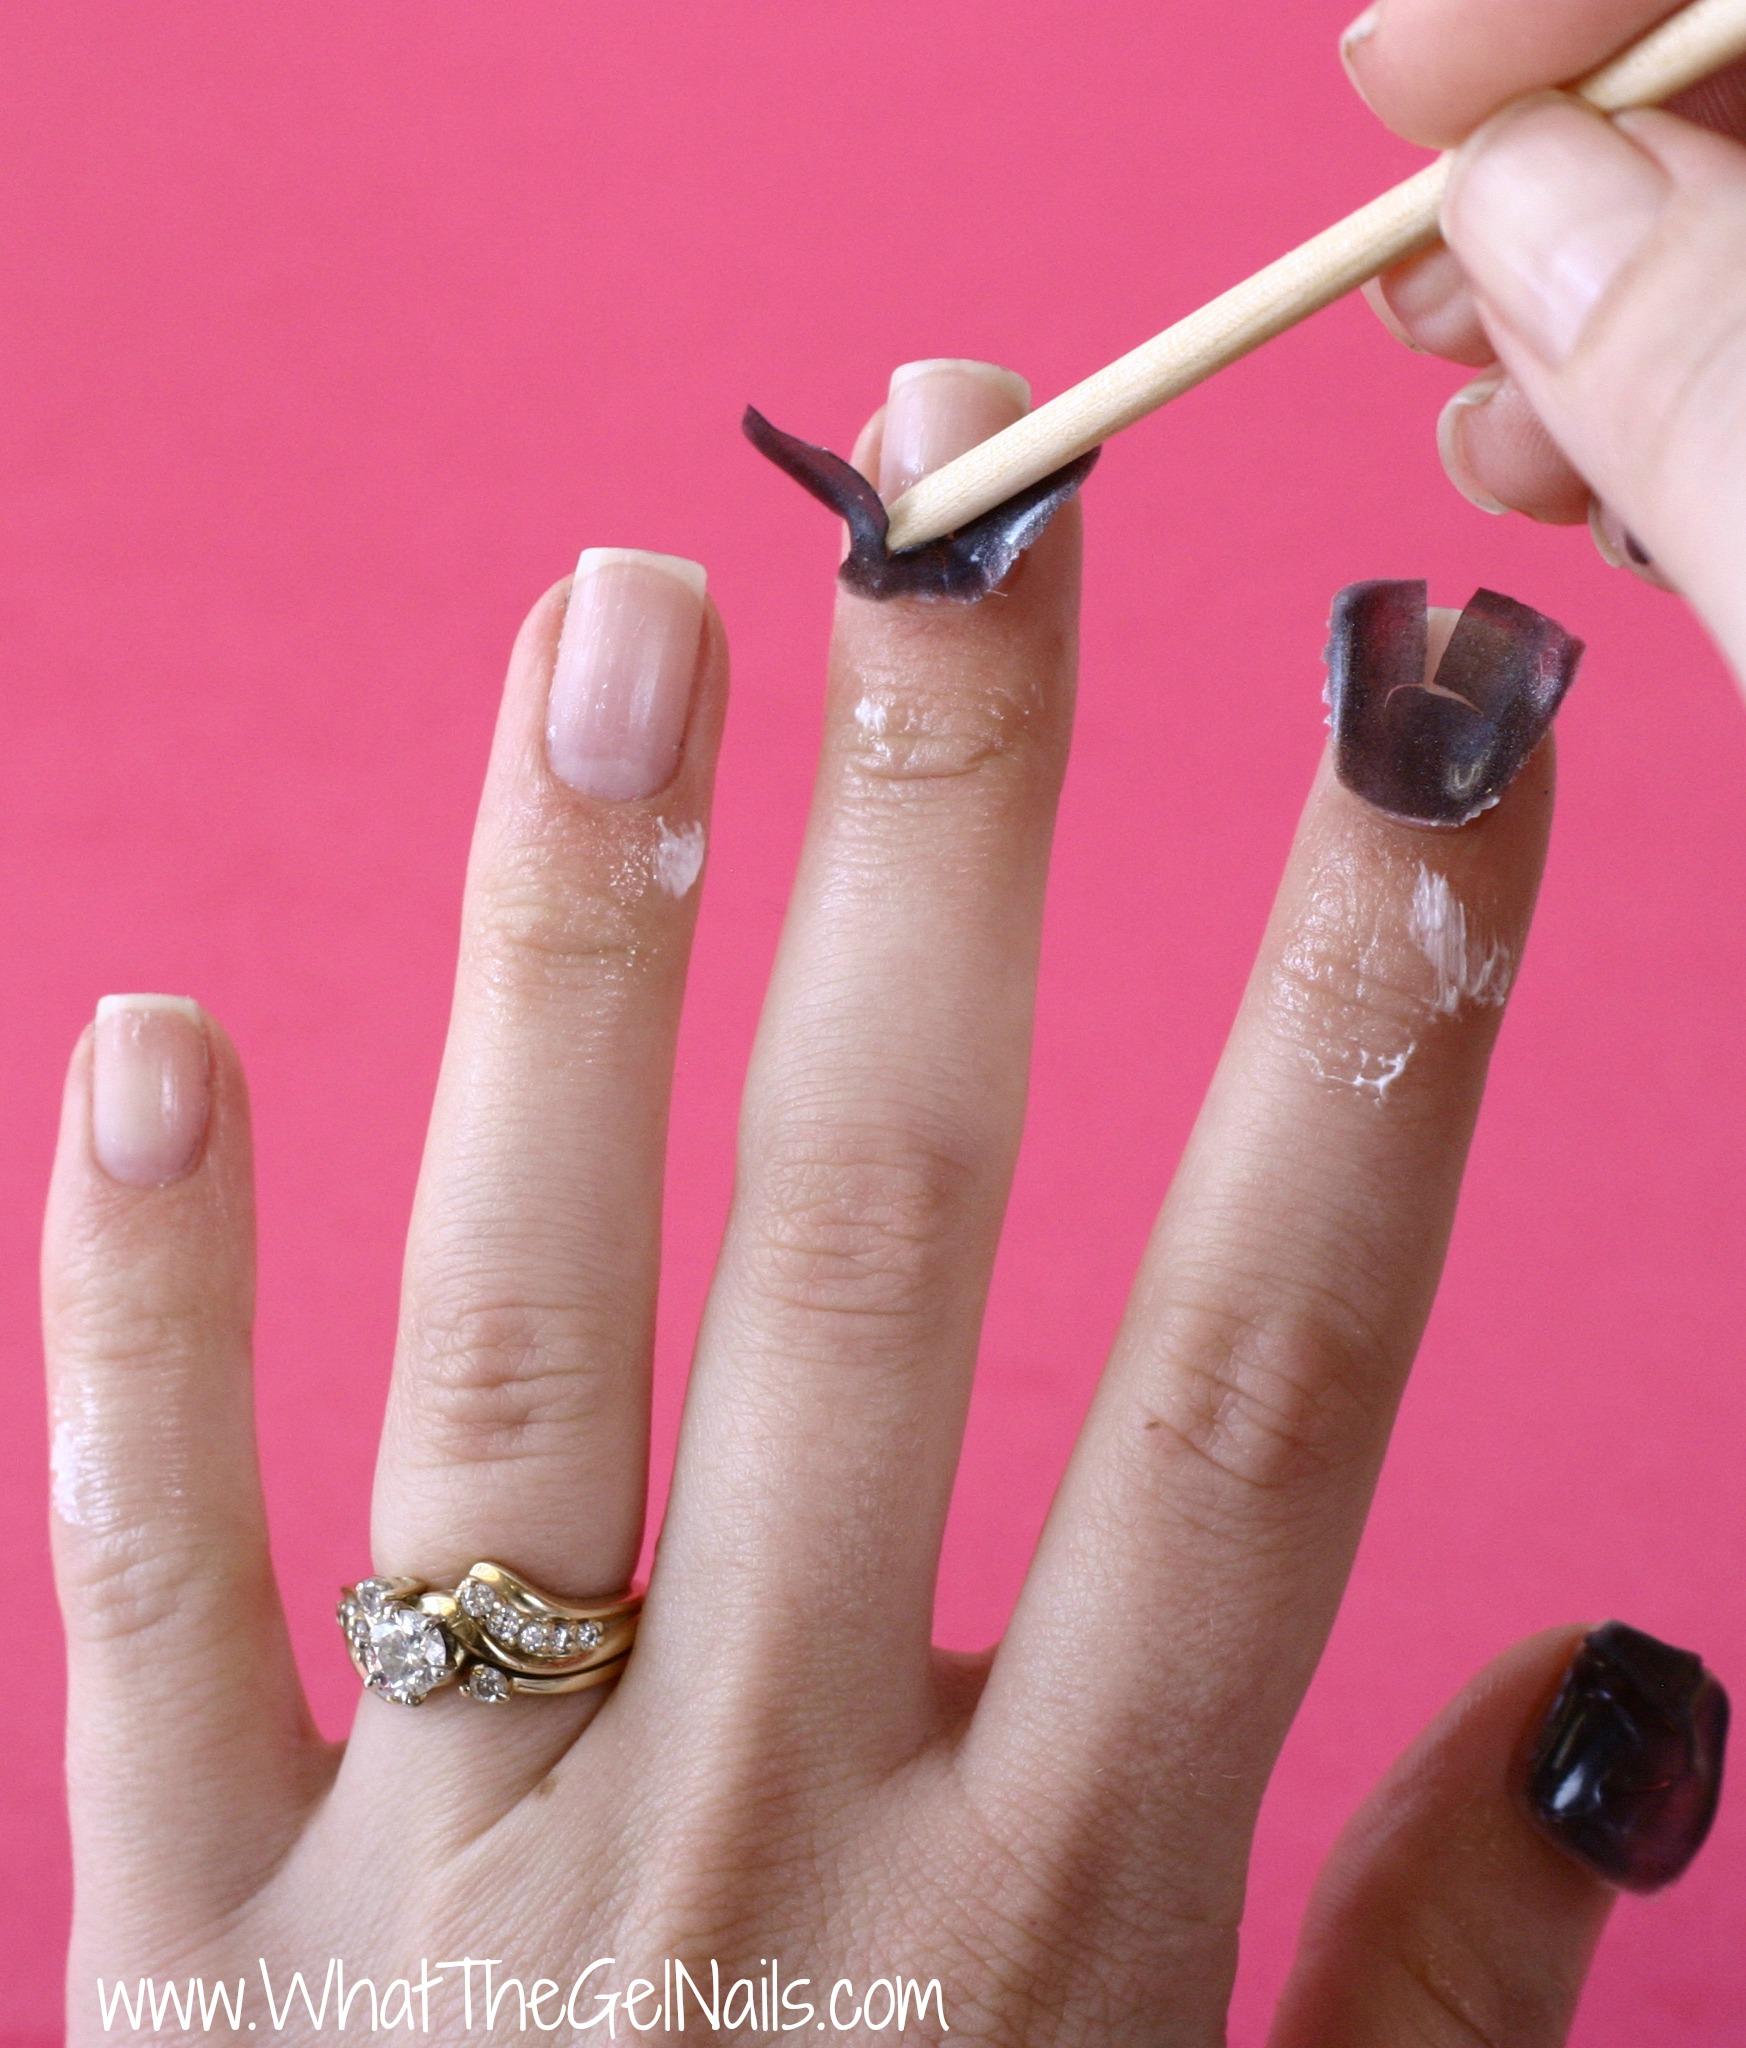 Nails polish gel - Expression Nails